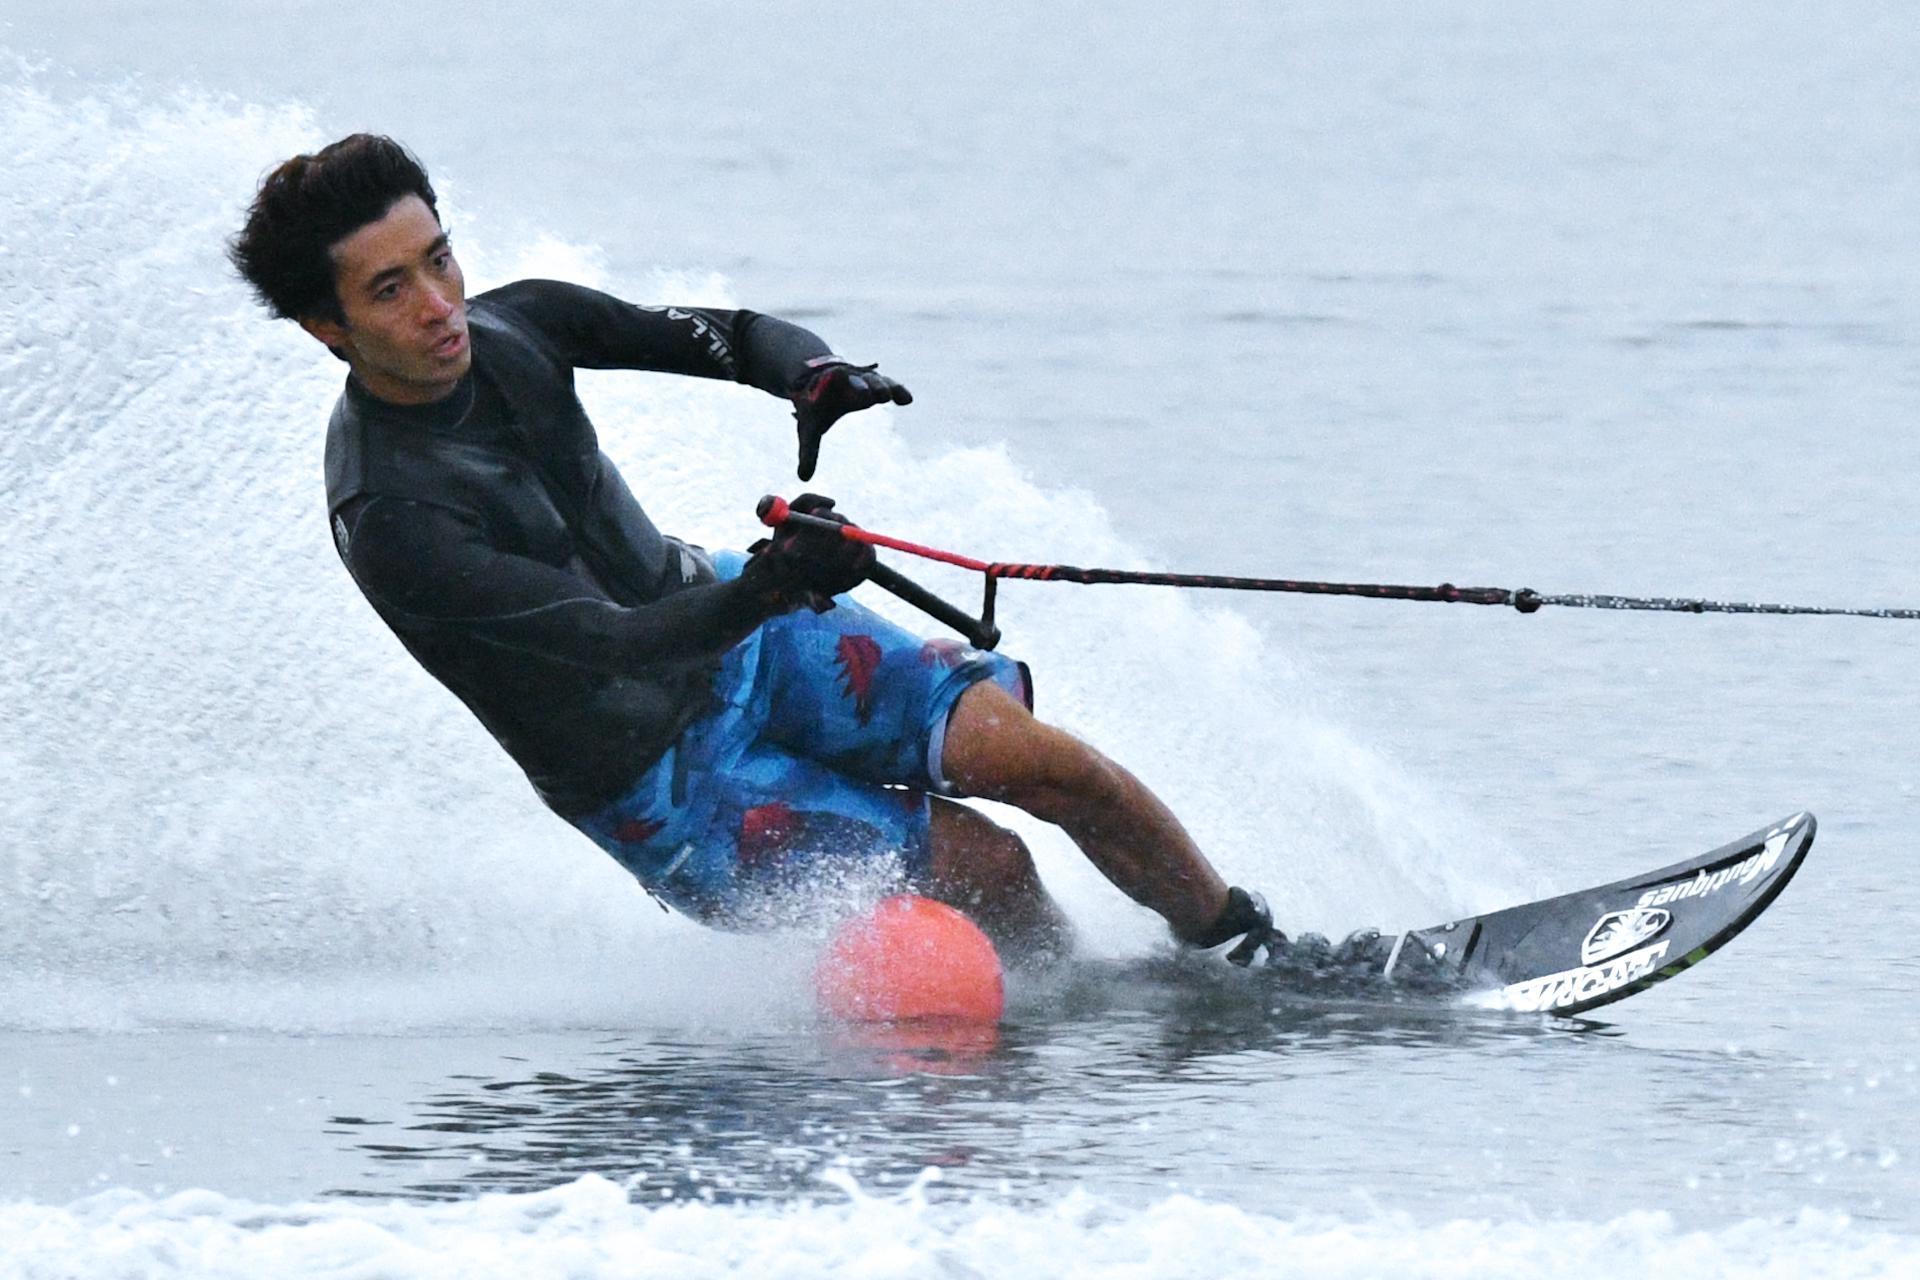 2017CS2_Slalom_03_Makimura